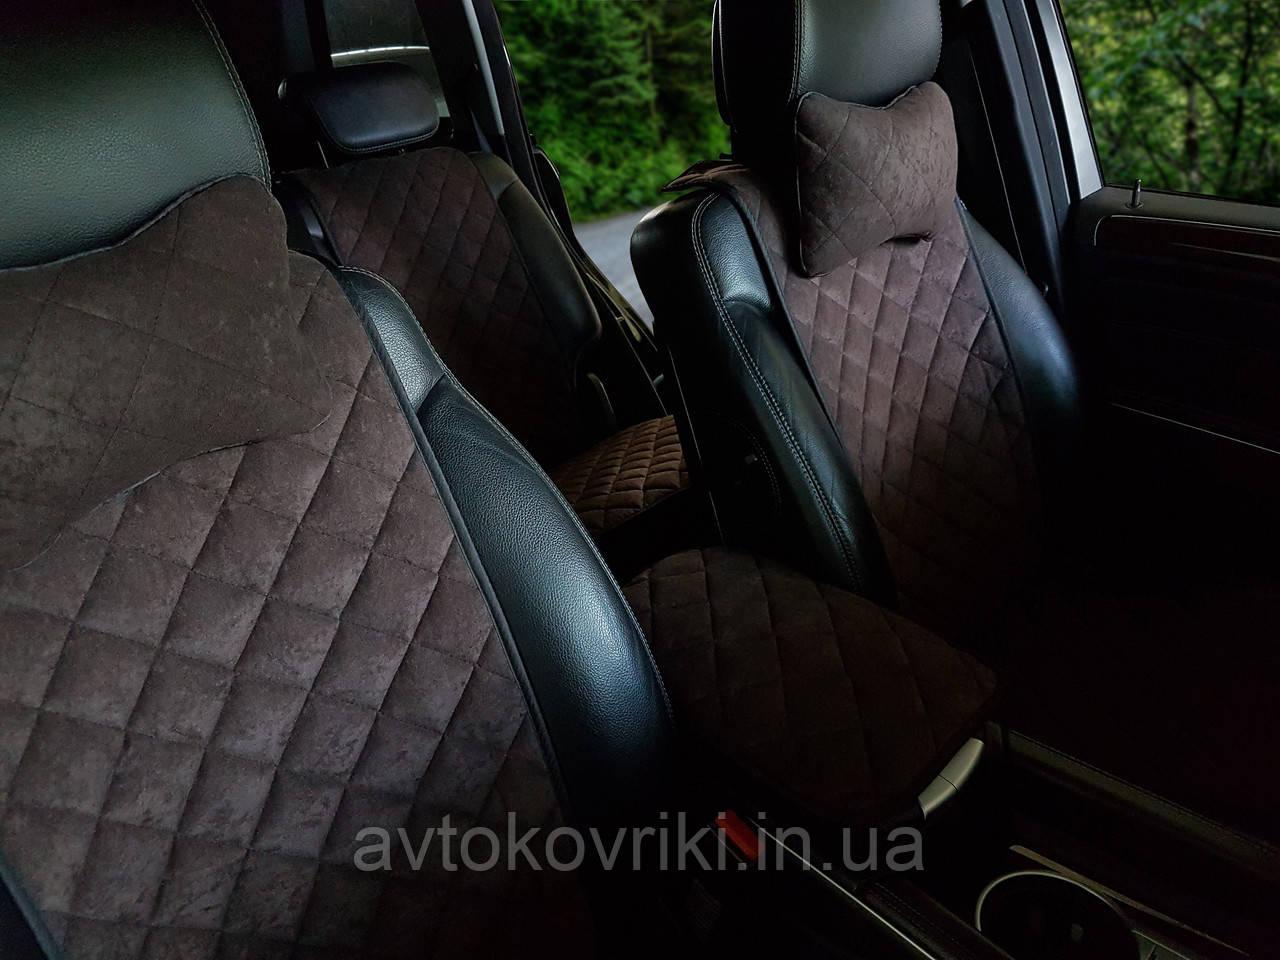 Накидки на сиденья темно-коричневые. Передний комплект. СТАНДАРТ. Авточехлы - фото 7